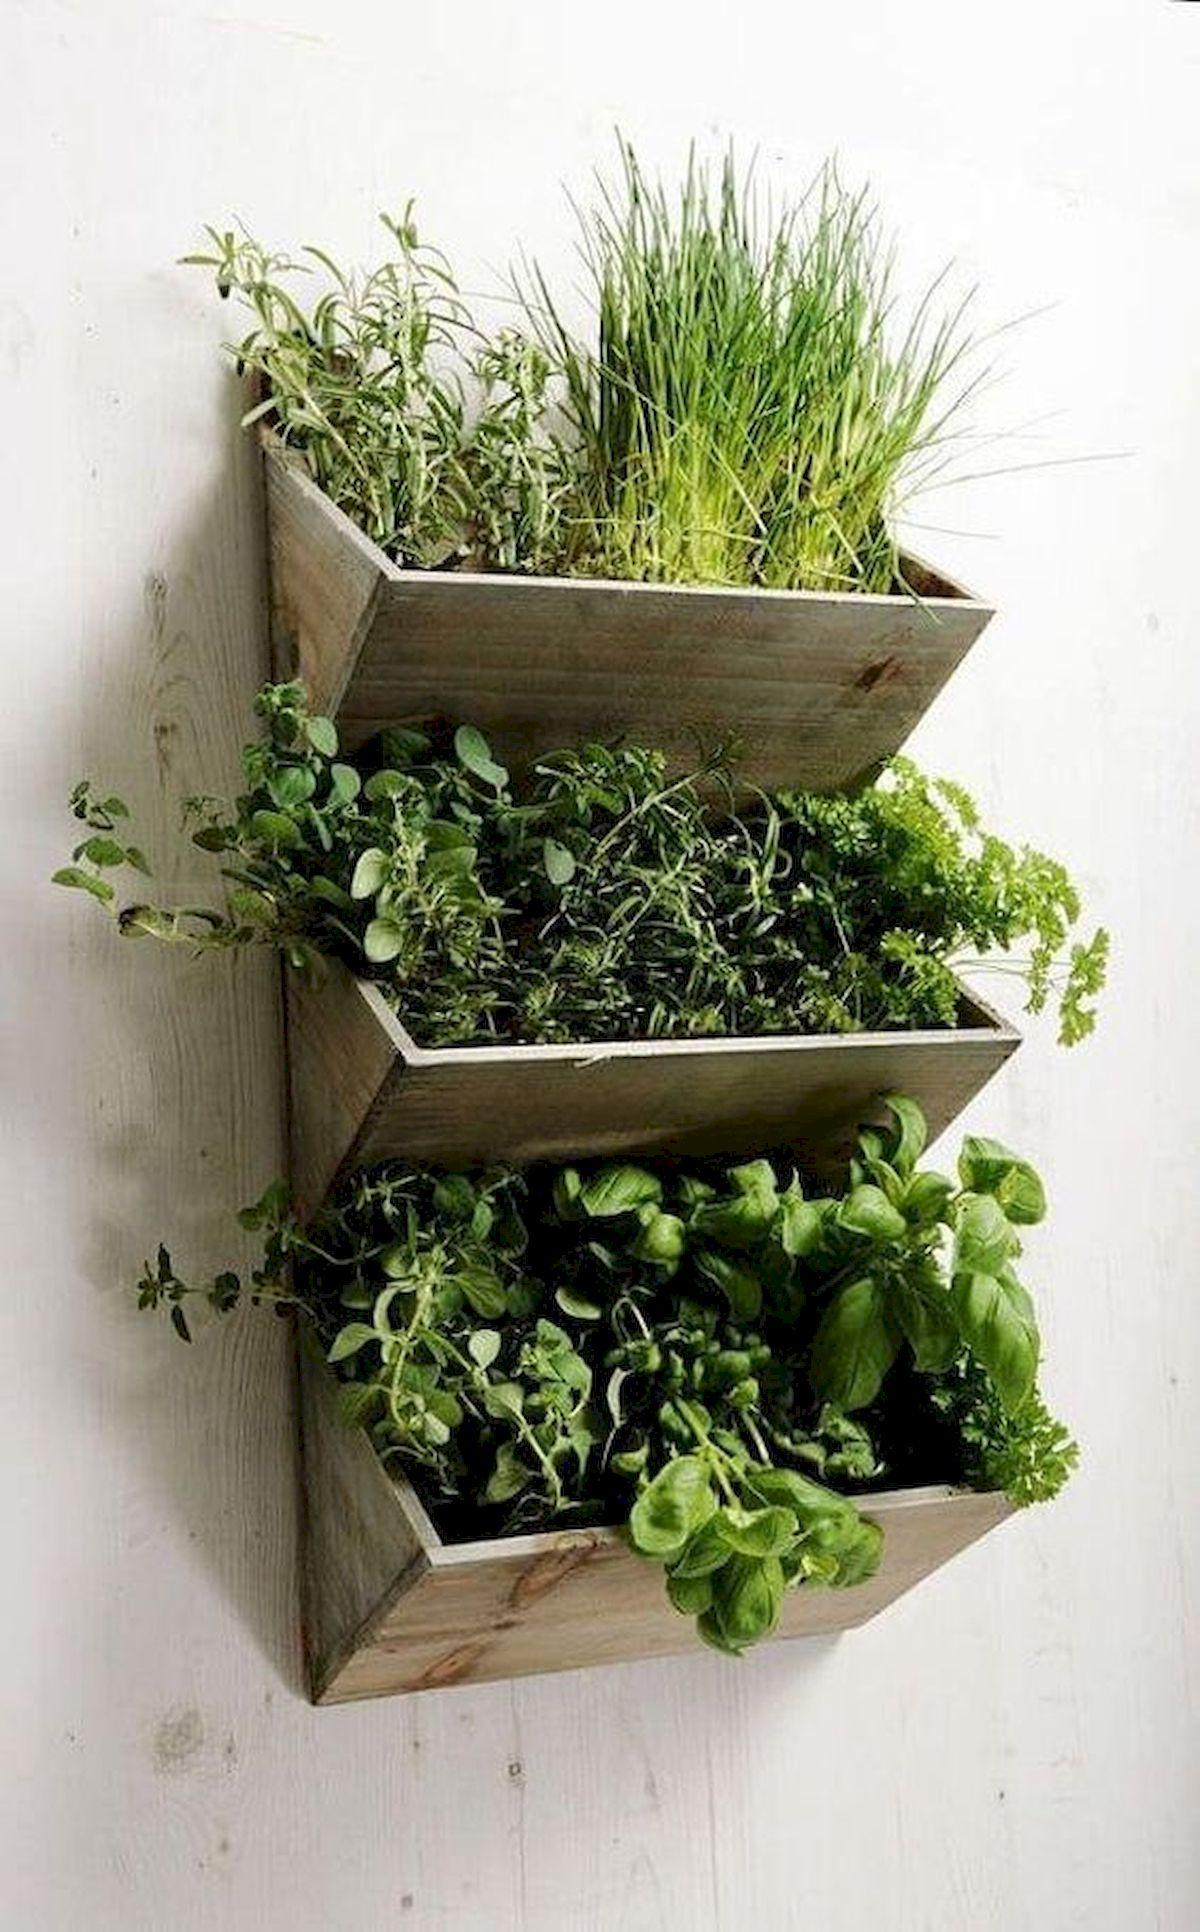 44 Creative DIY Vertical Garden Ideas To Make Your Home Beautiful (9)